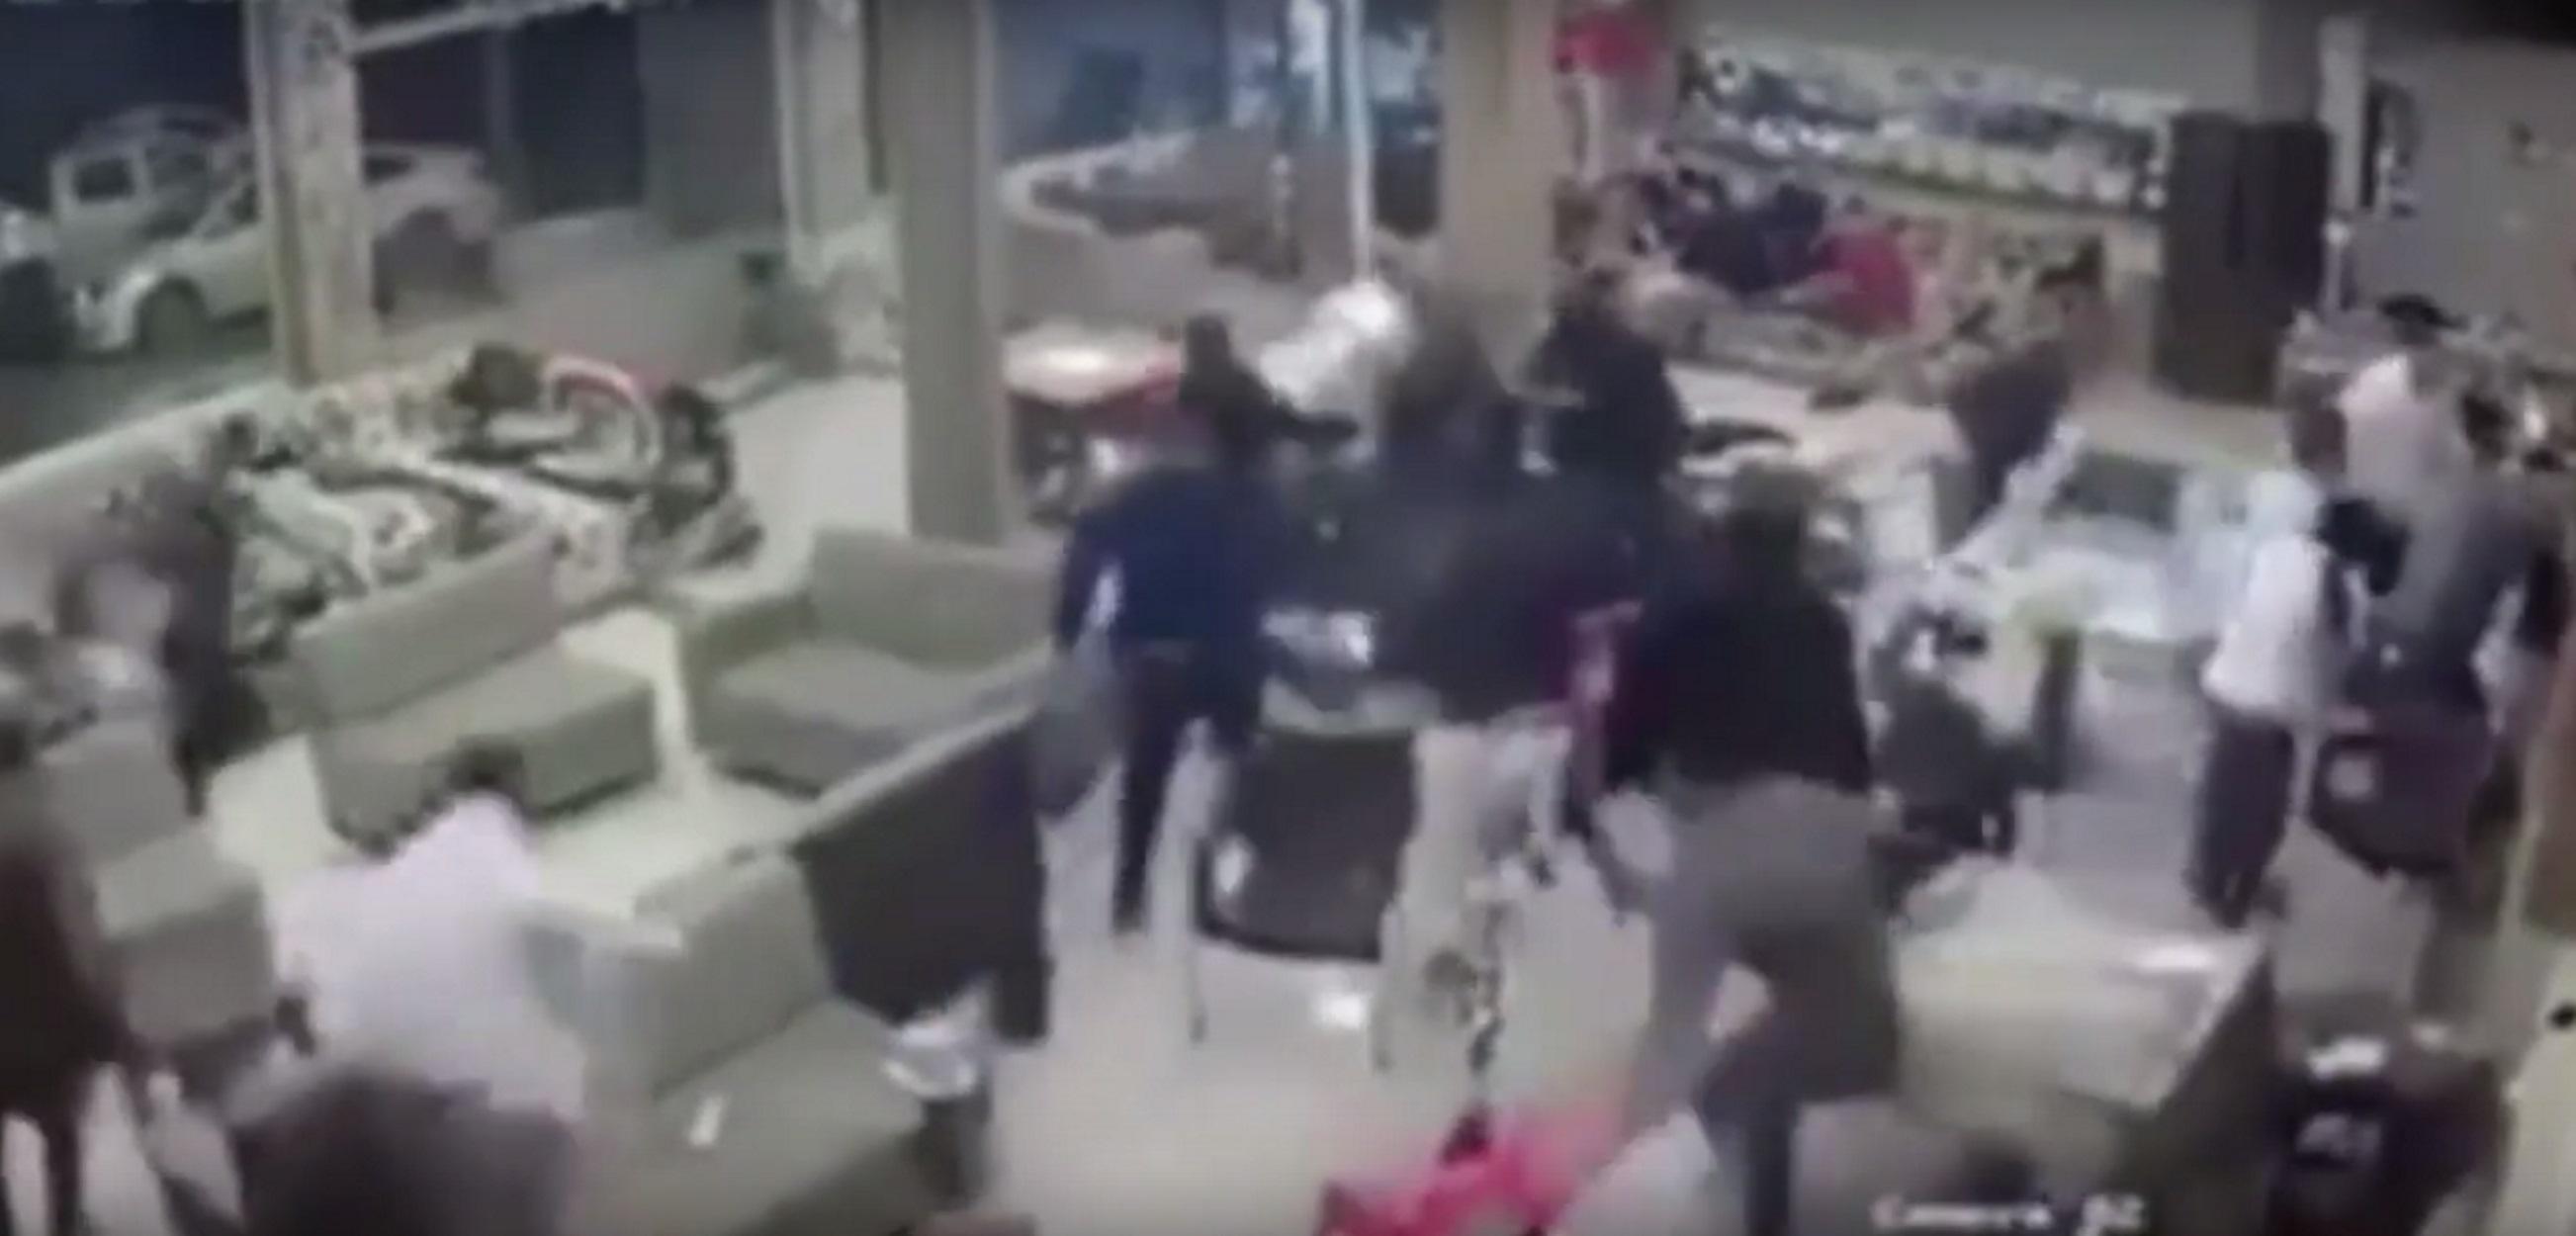 Βίντεο ντοκουμέντο από τον ισχυρό σεισμό που χτύπησε το Ιράν!